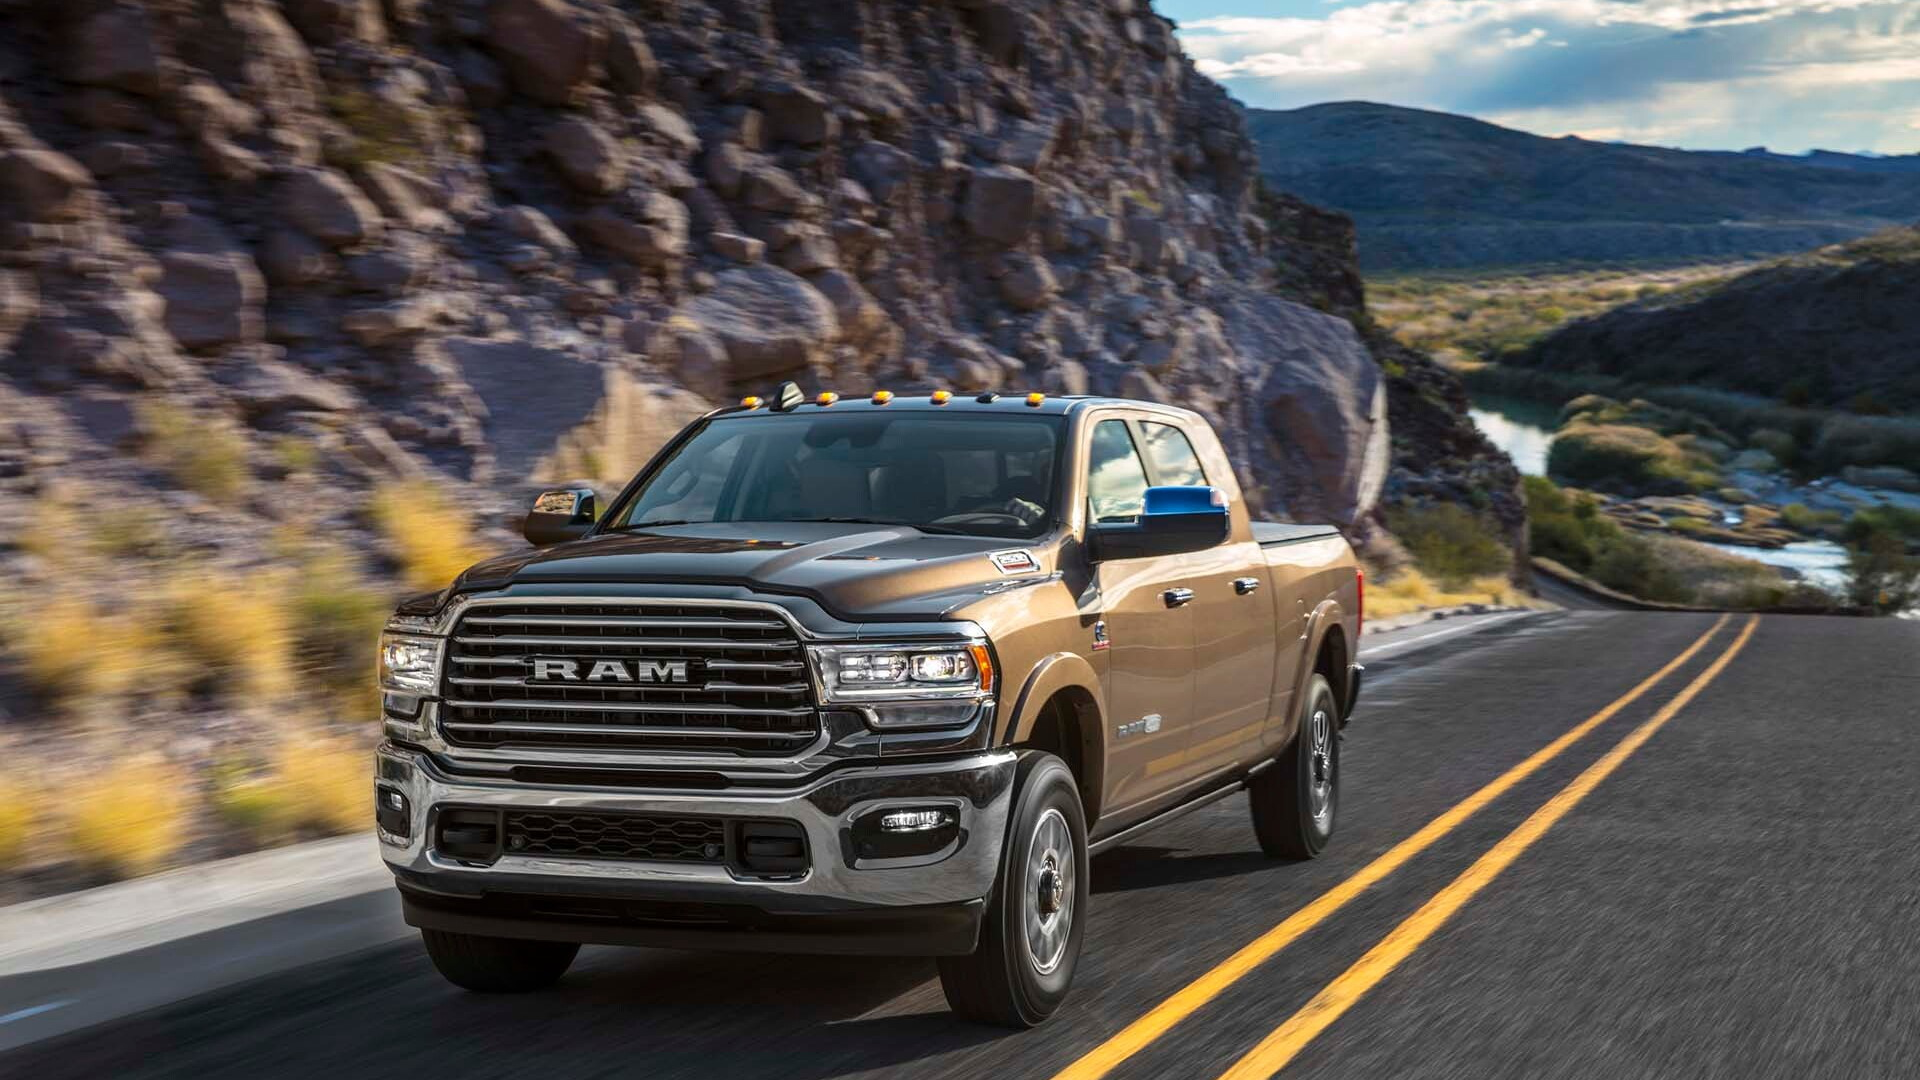 2019 Ram 2500 Heavy Duty